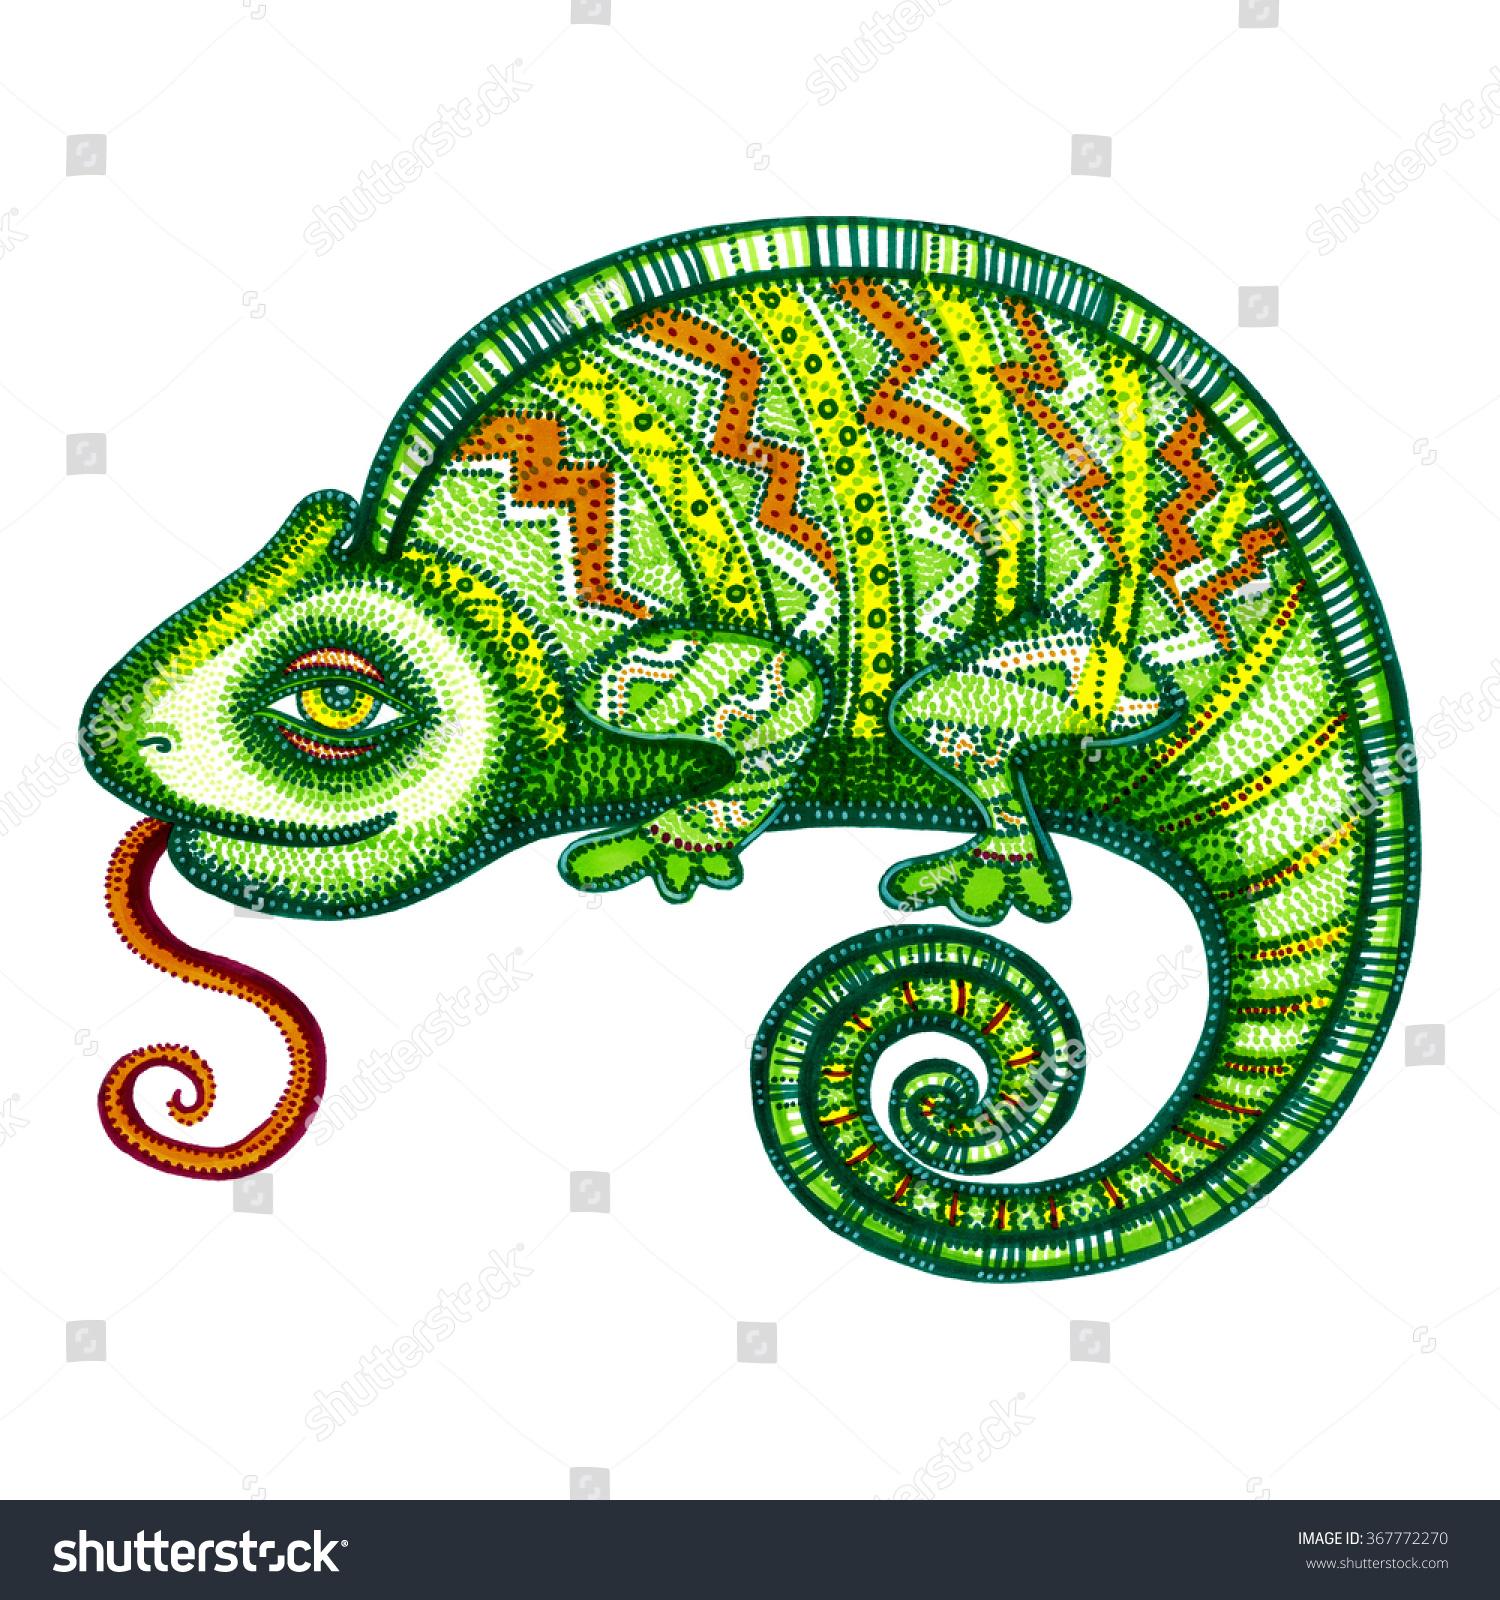 Chameleon Outline Tattoo: Chameleon Stock Photo 367772270 : Shutterstock